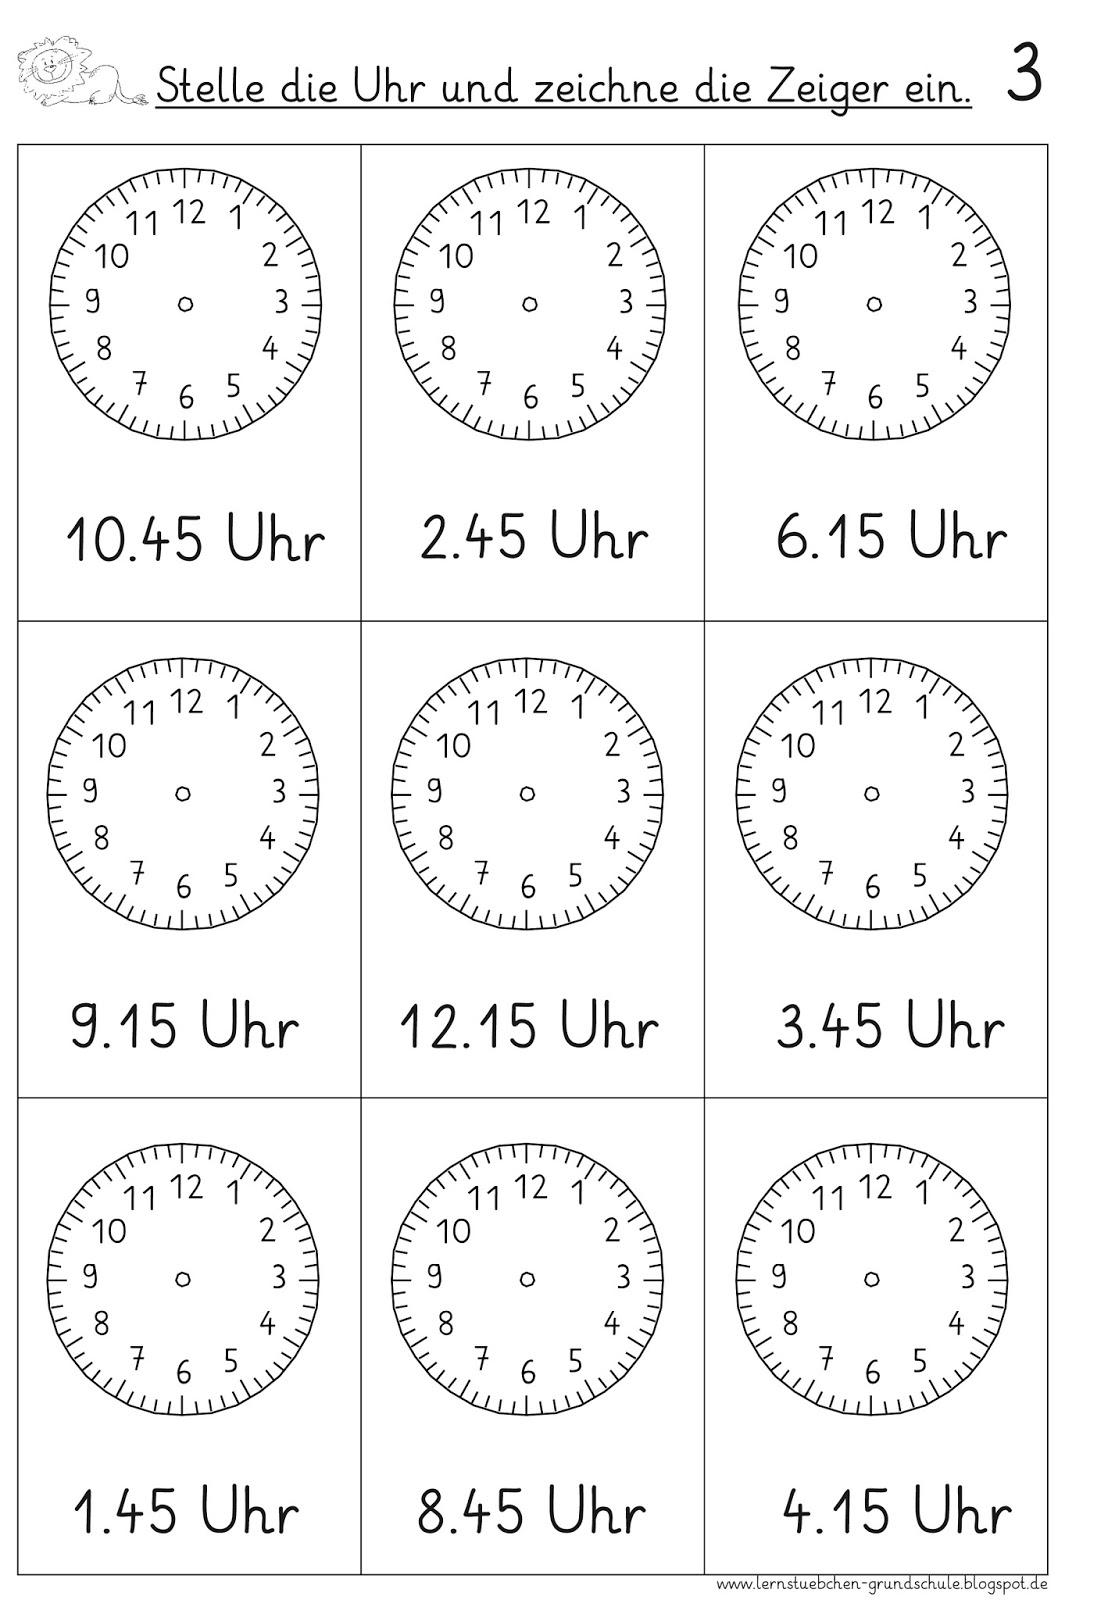 Lernstubchen Vorgegebene Uhrzeiten Einstellen 4